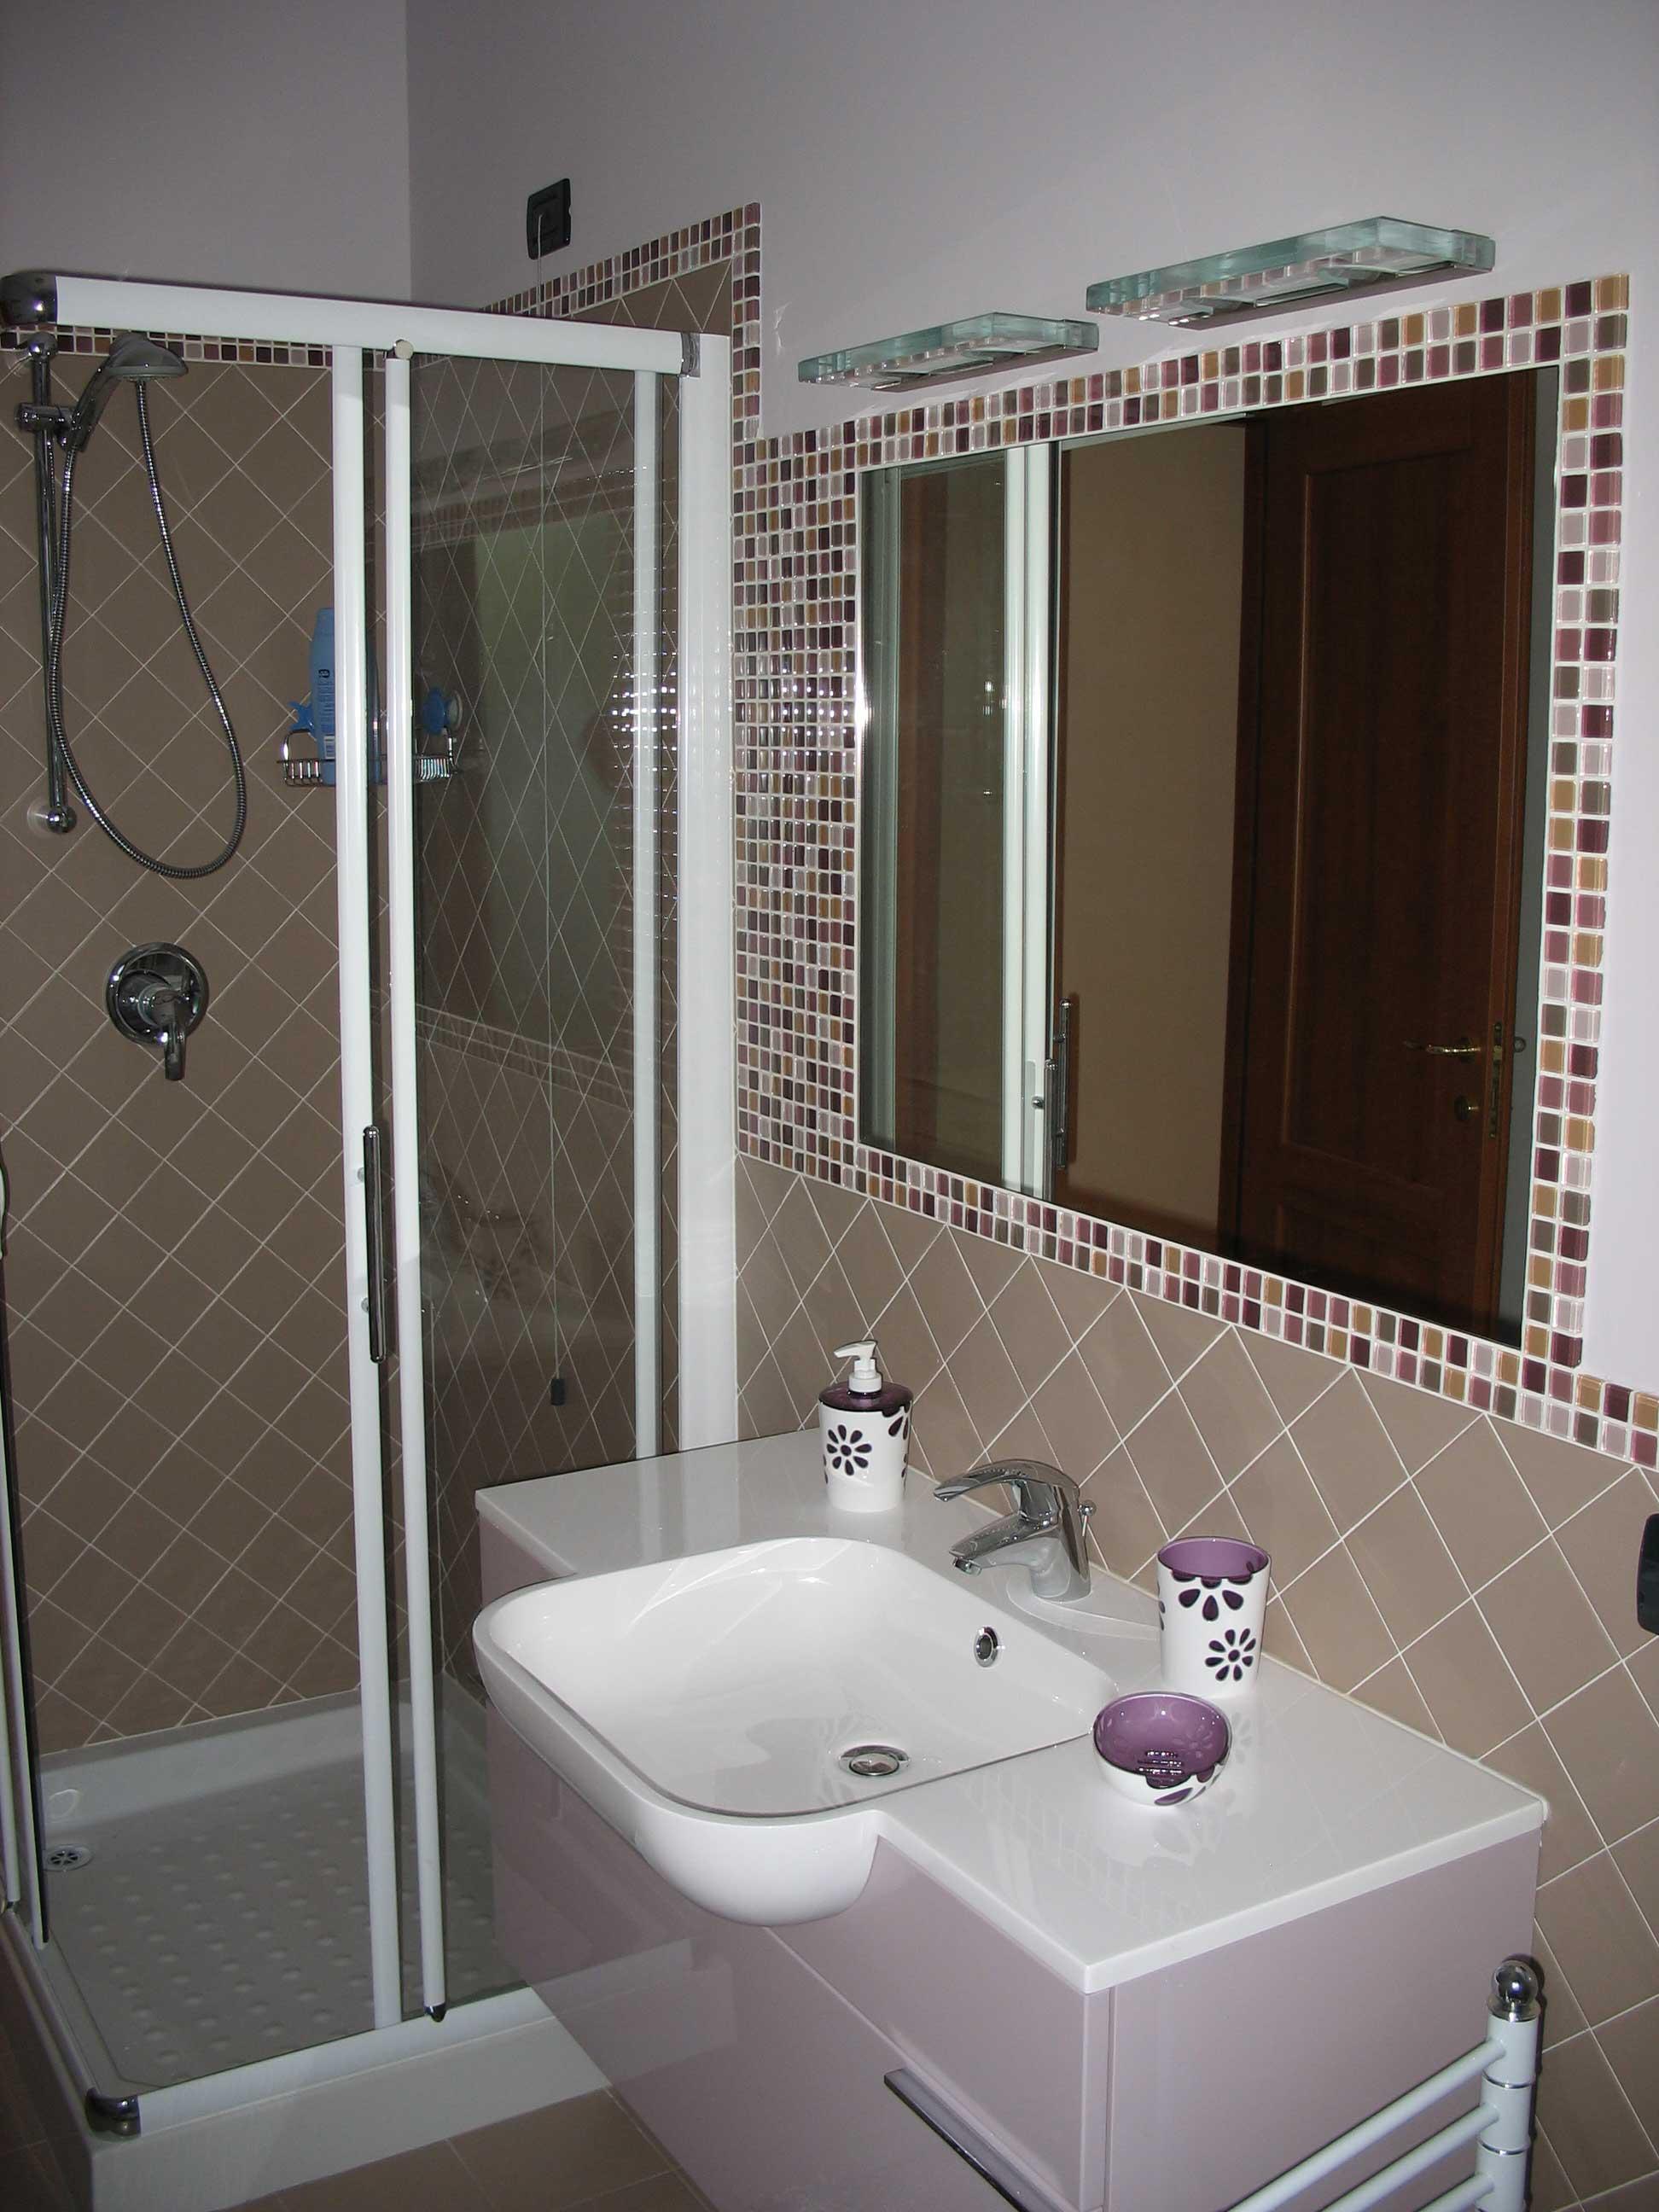 Piastrelle a mosaico per bagno sulle pareti della doccai - Piastrelle finto mosaico bagno ...